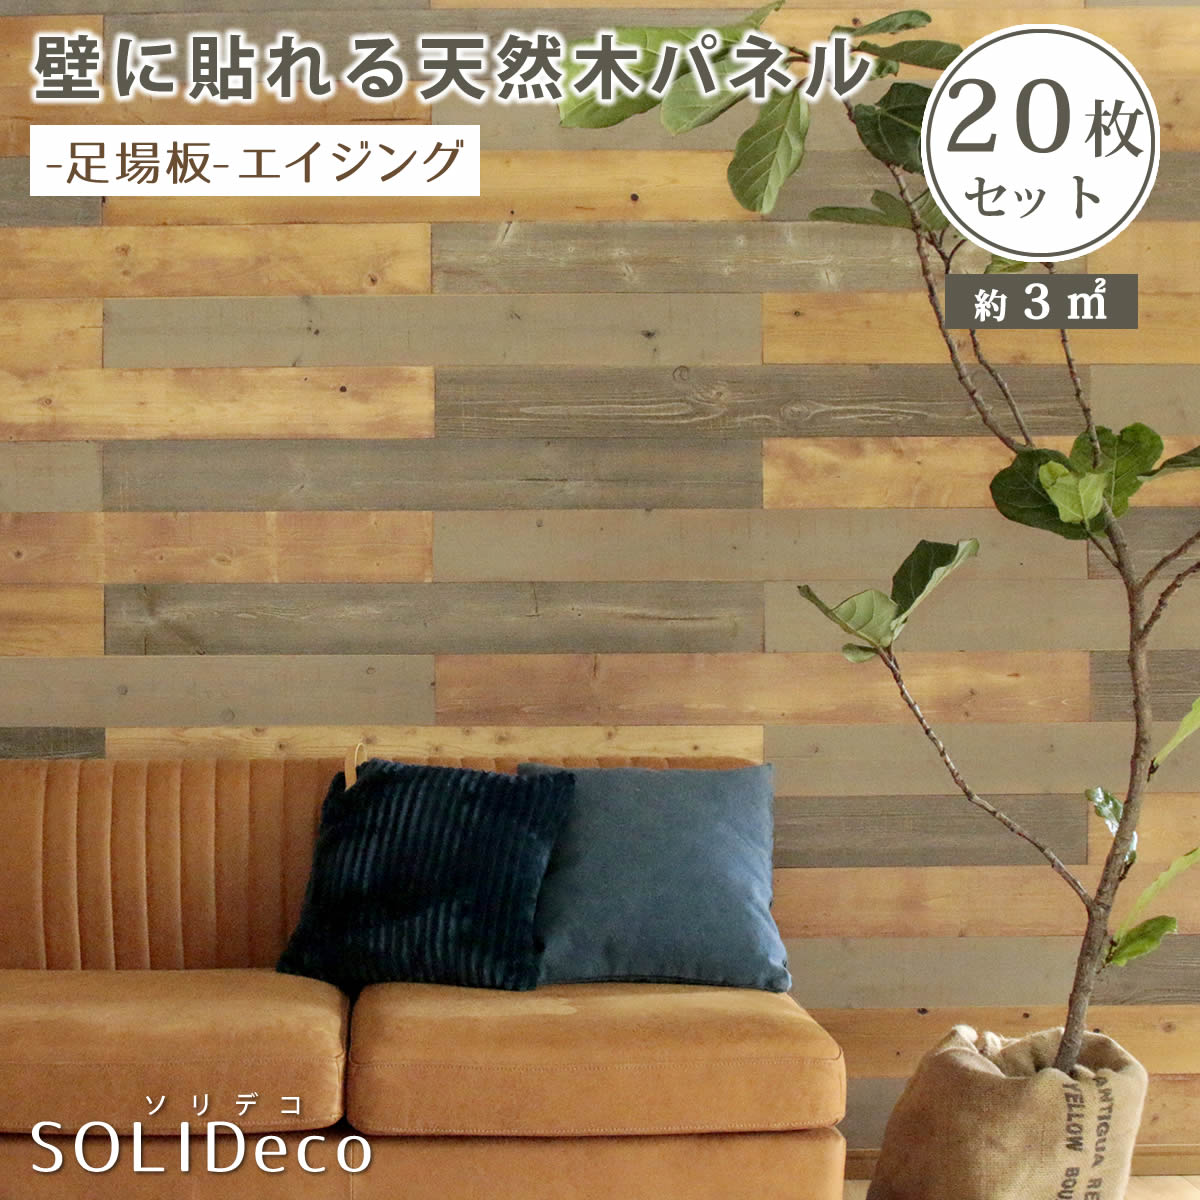 壁紙・装飾フィルム 壁紙 SOLIDECO 壁に貼れる天然木パネル ナチュラルシリーズ (-足場板-エイジング) 20枚組 (約3m2) SLDC-20P-004ASB 壁パネル ウォールパネル ウッドパネル DIY 壁紙